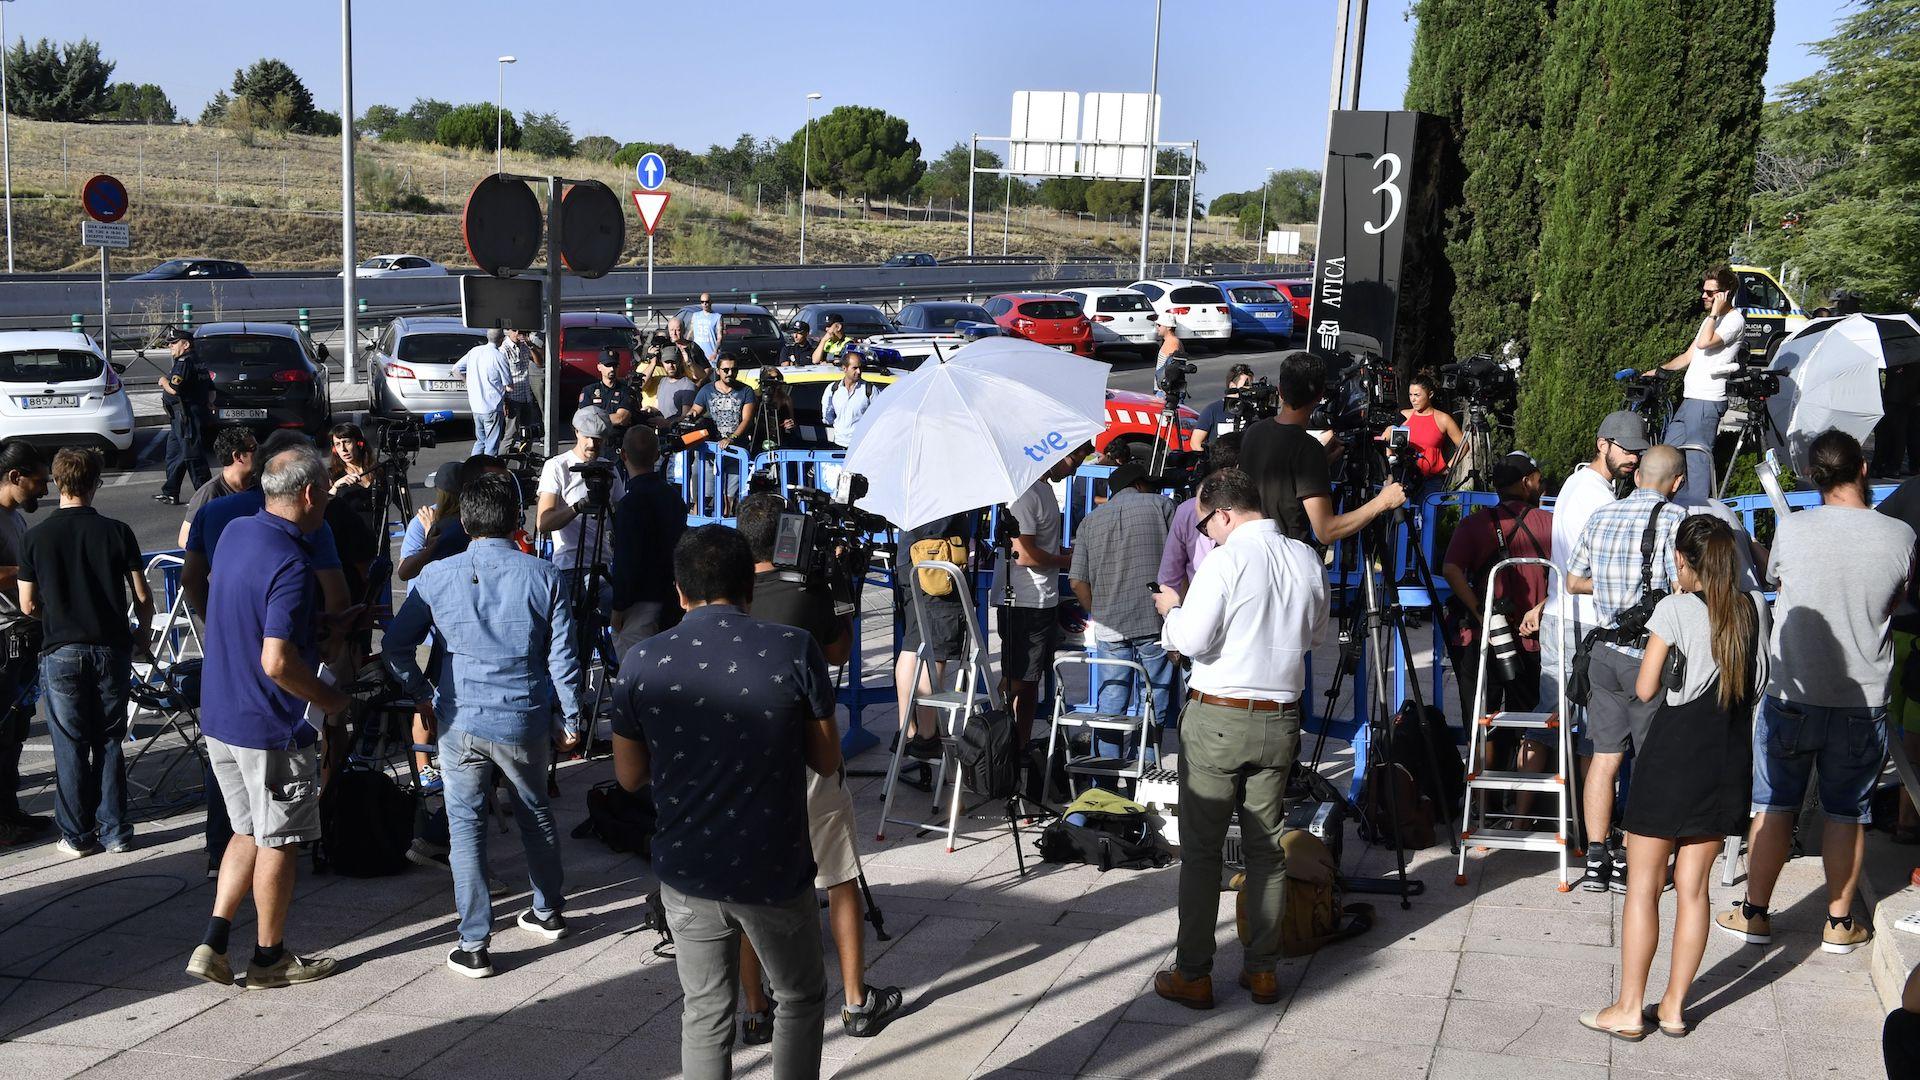 La prensa espera a Cristiano ronaldo